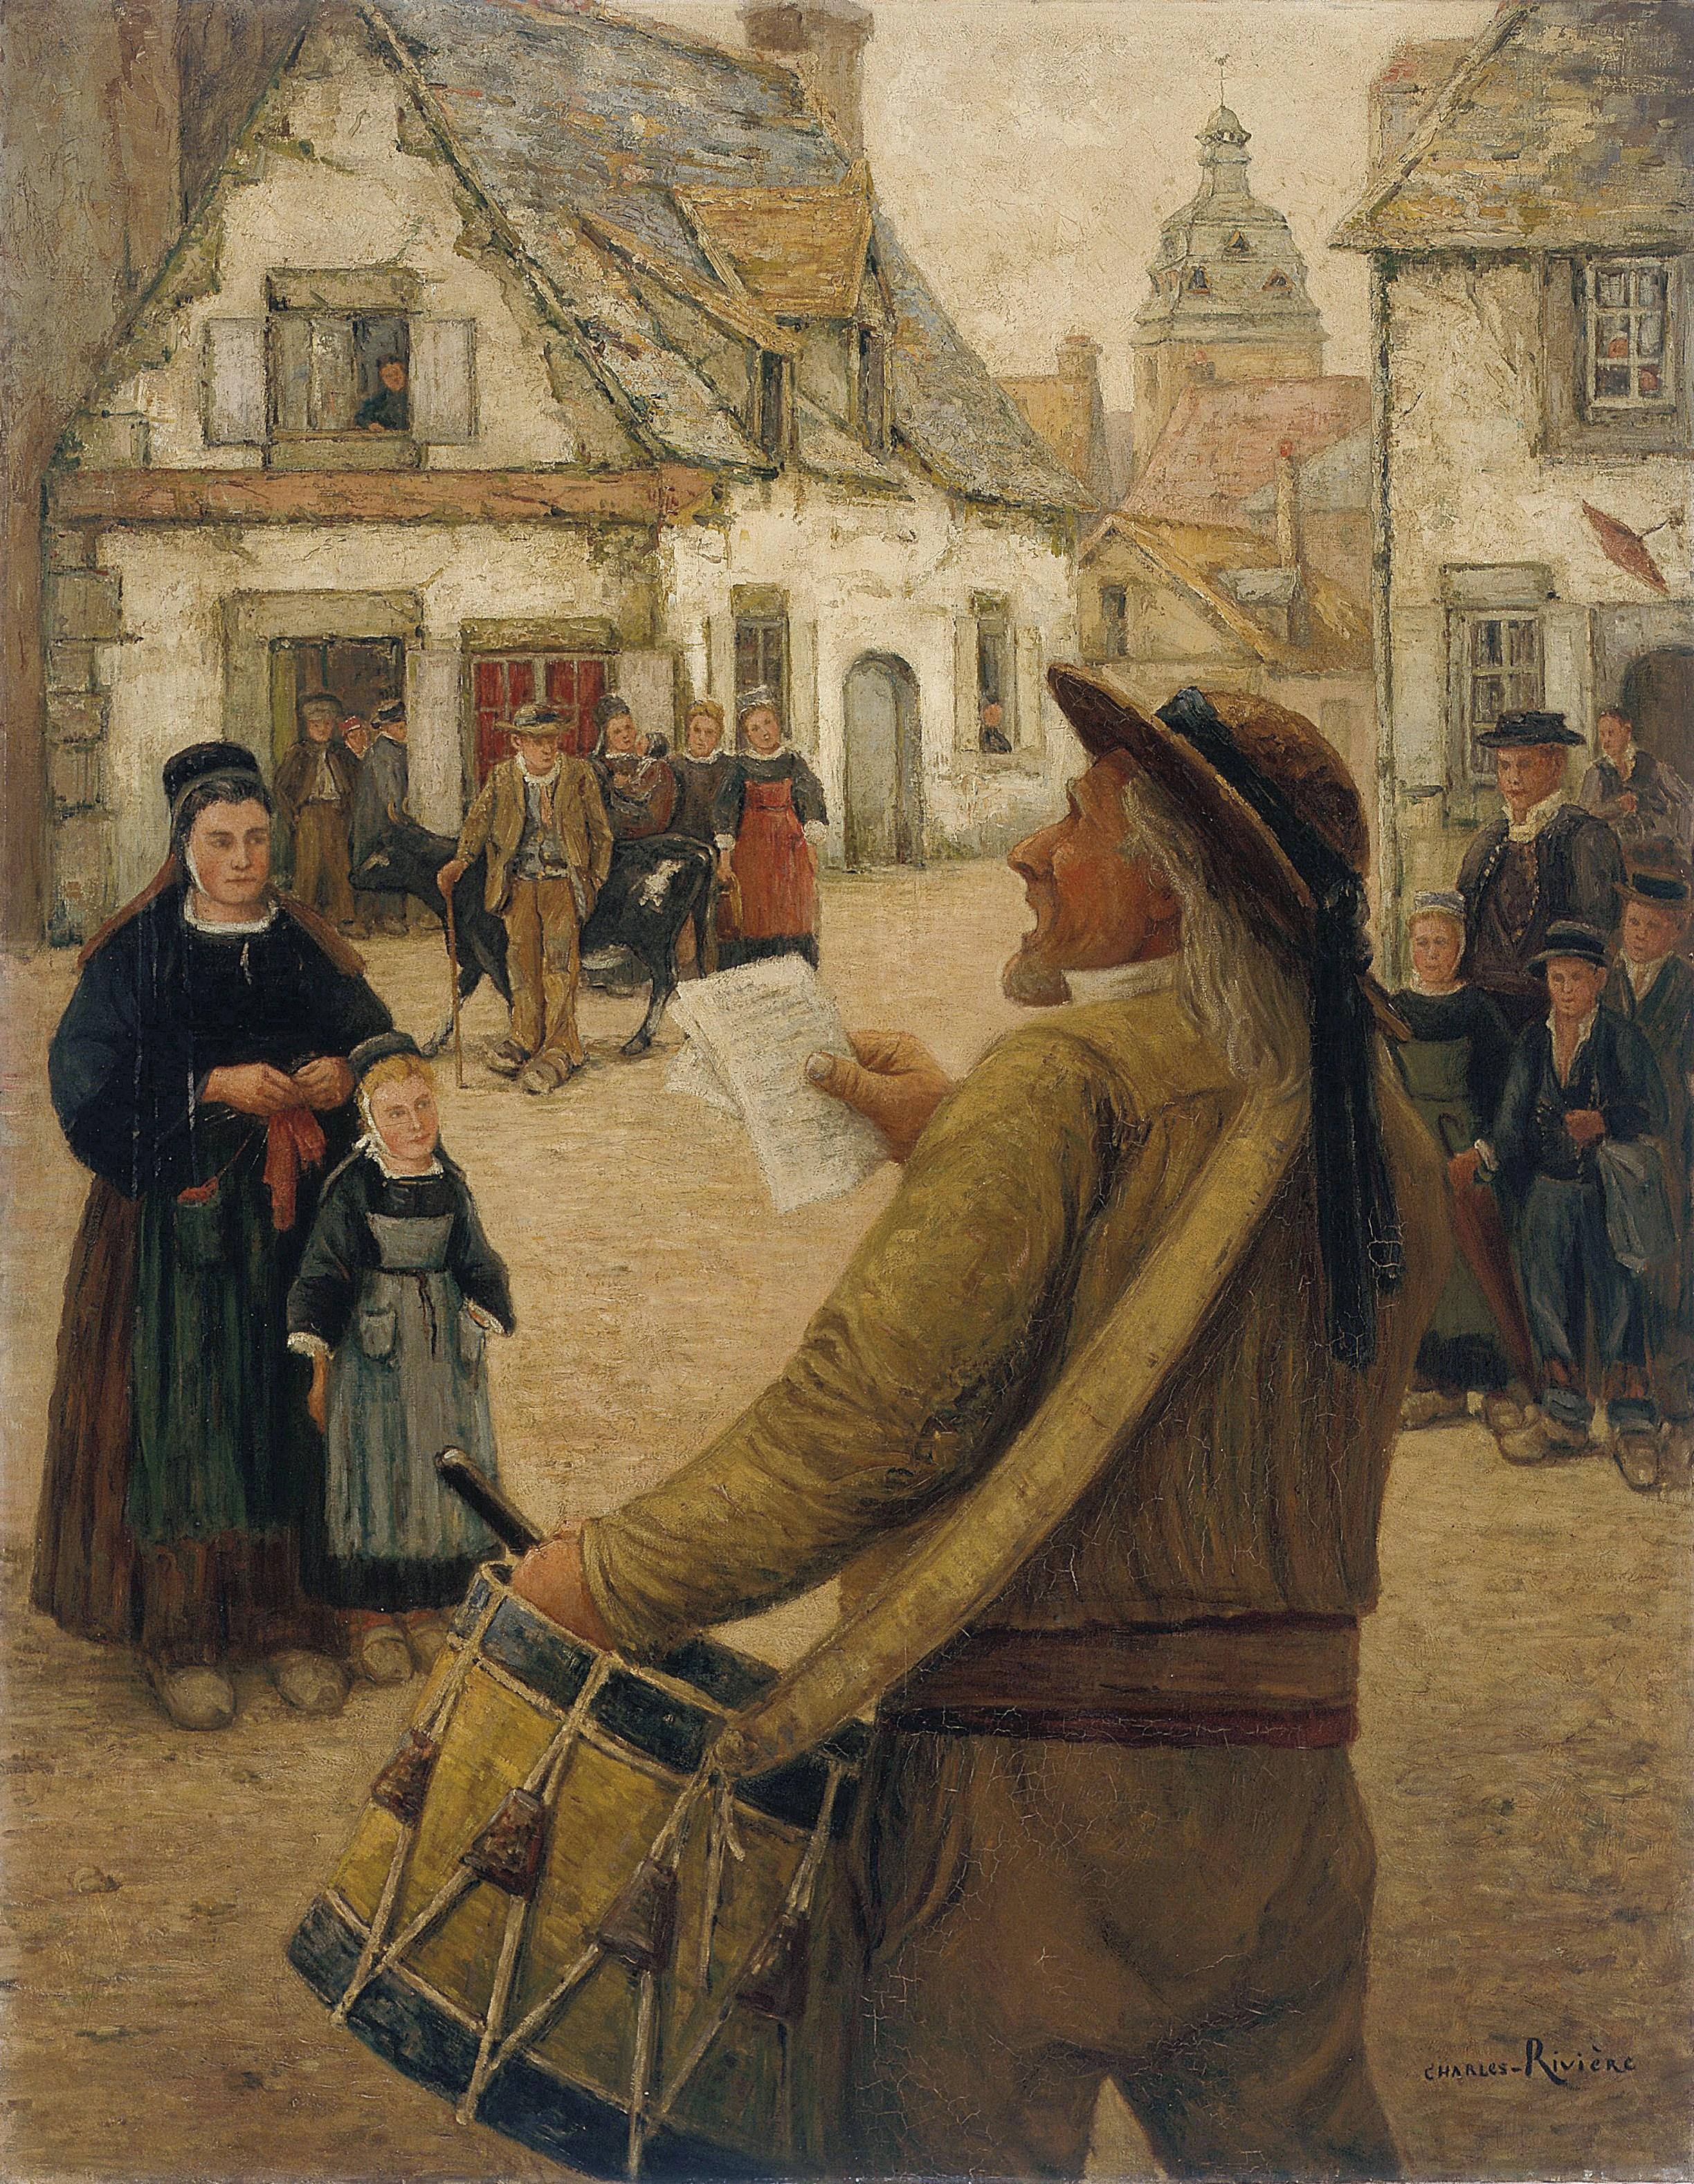 Le Tambour de ville, Bretagne - Le Faouët, vers 1914 - Charles RIVIERE (1848-1920) - Huile sur toile ; 146,7 x 115 cm